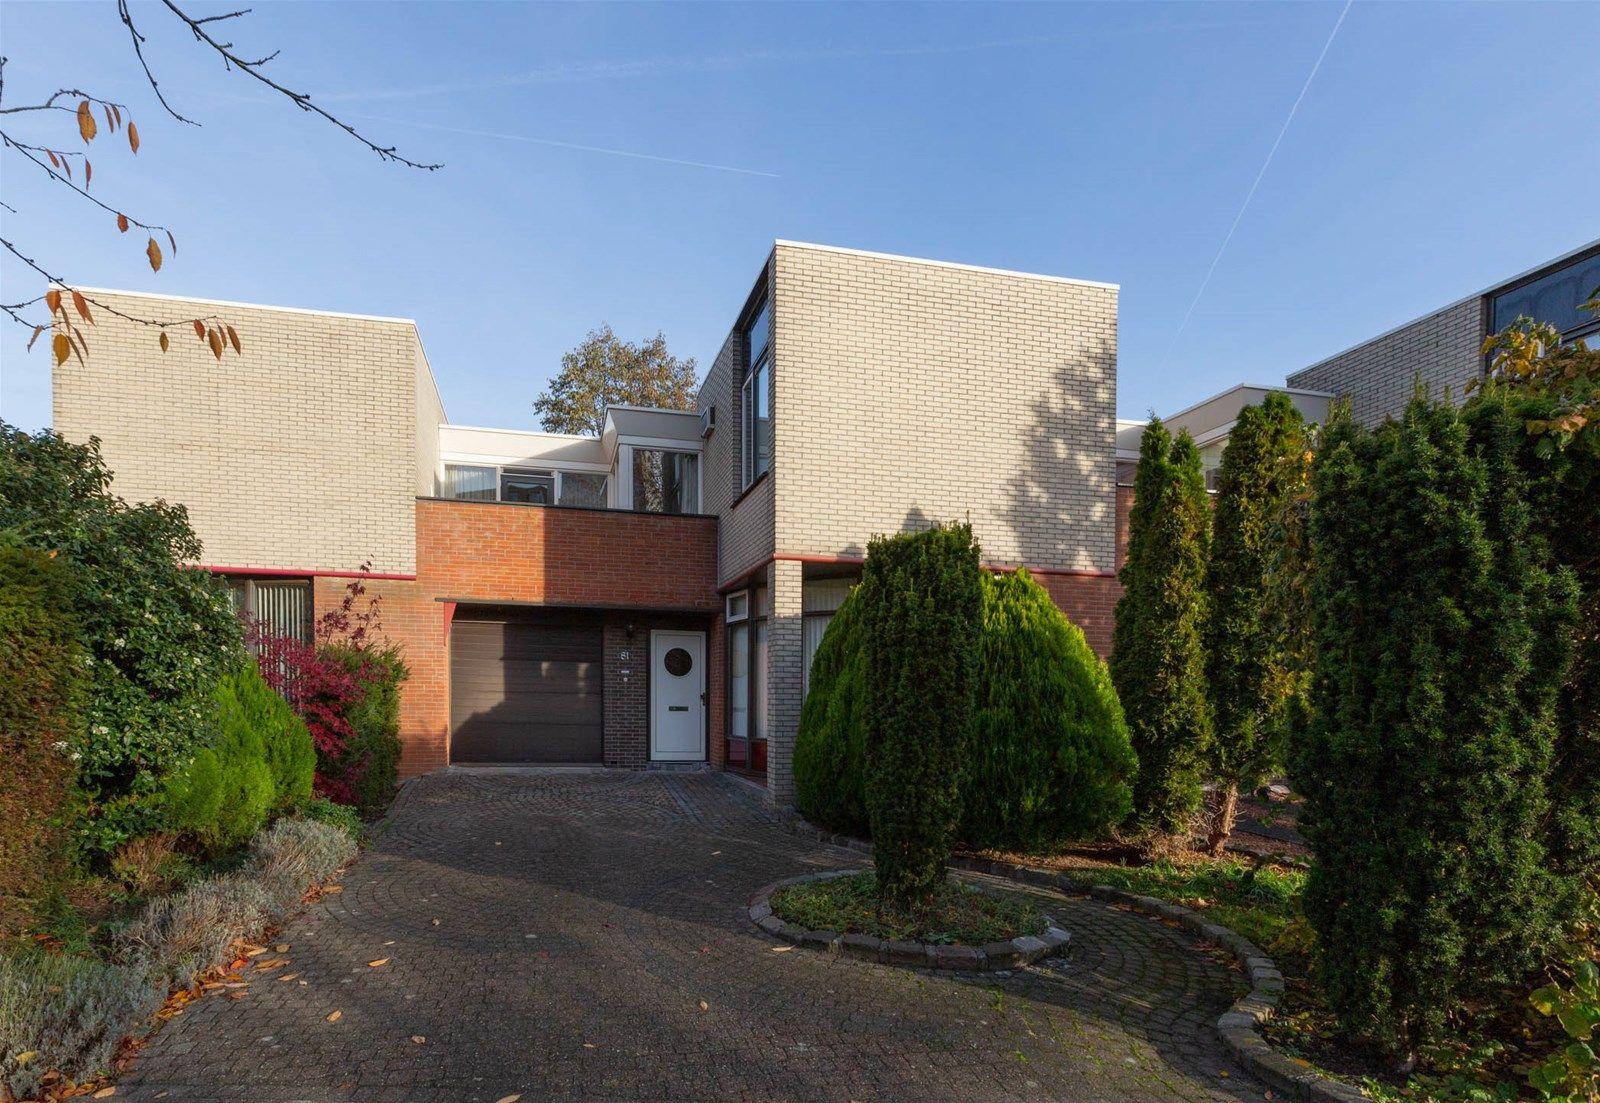 James Stewartstraat 81, Almere